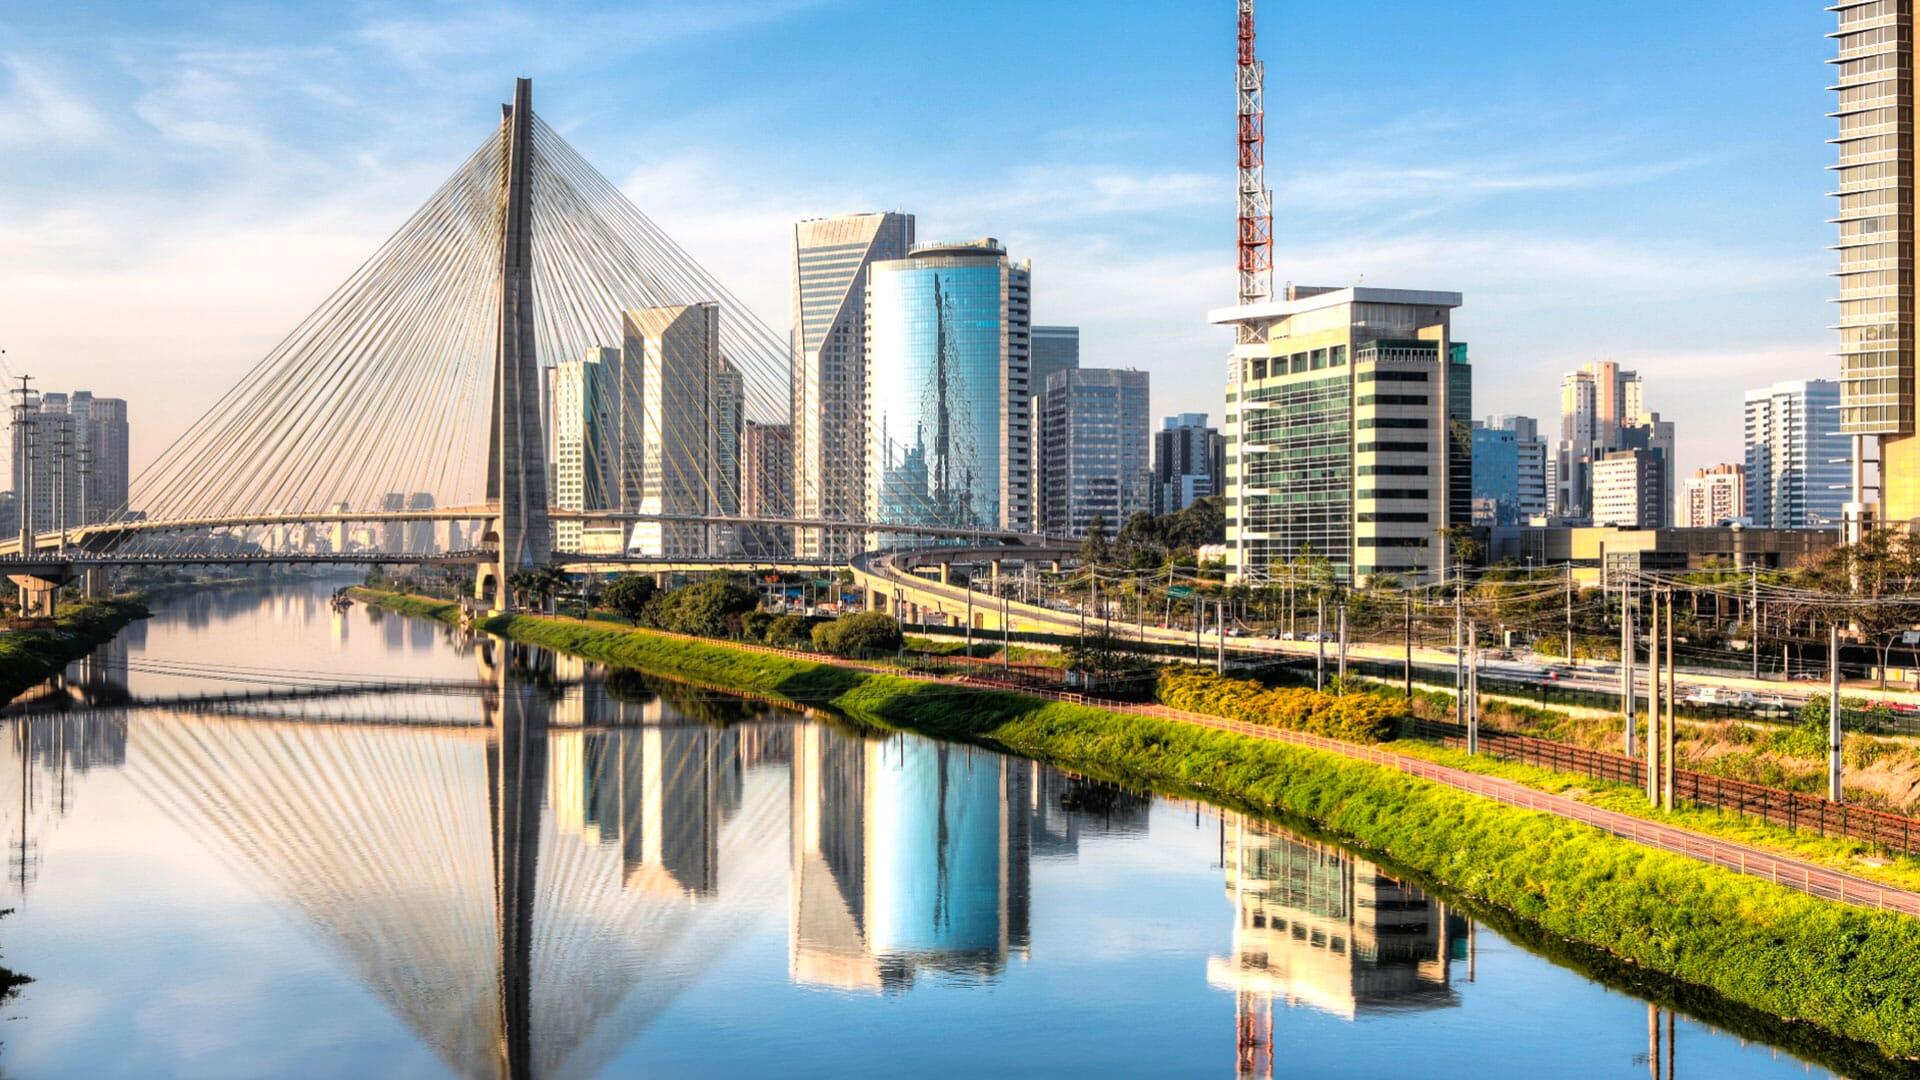 Desestatização Imobiliária: estratégia, desafios e soluções para melhor destinação dos ativos da União